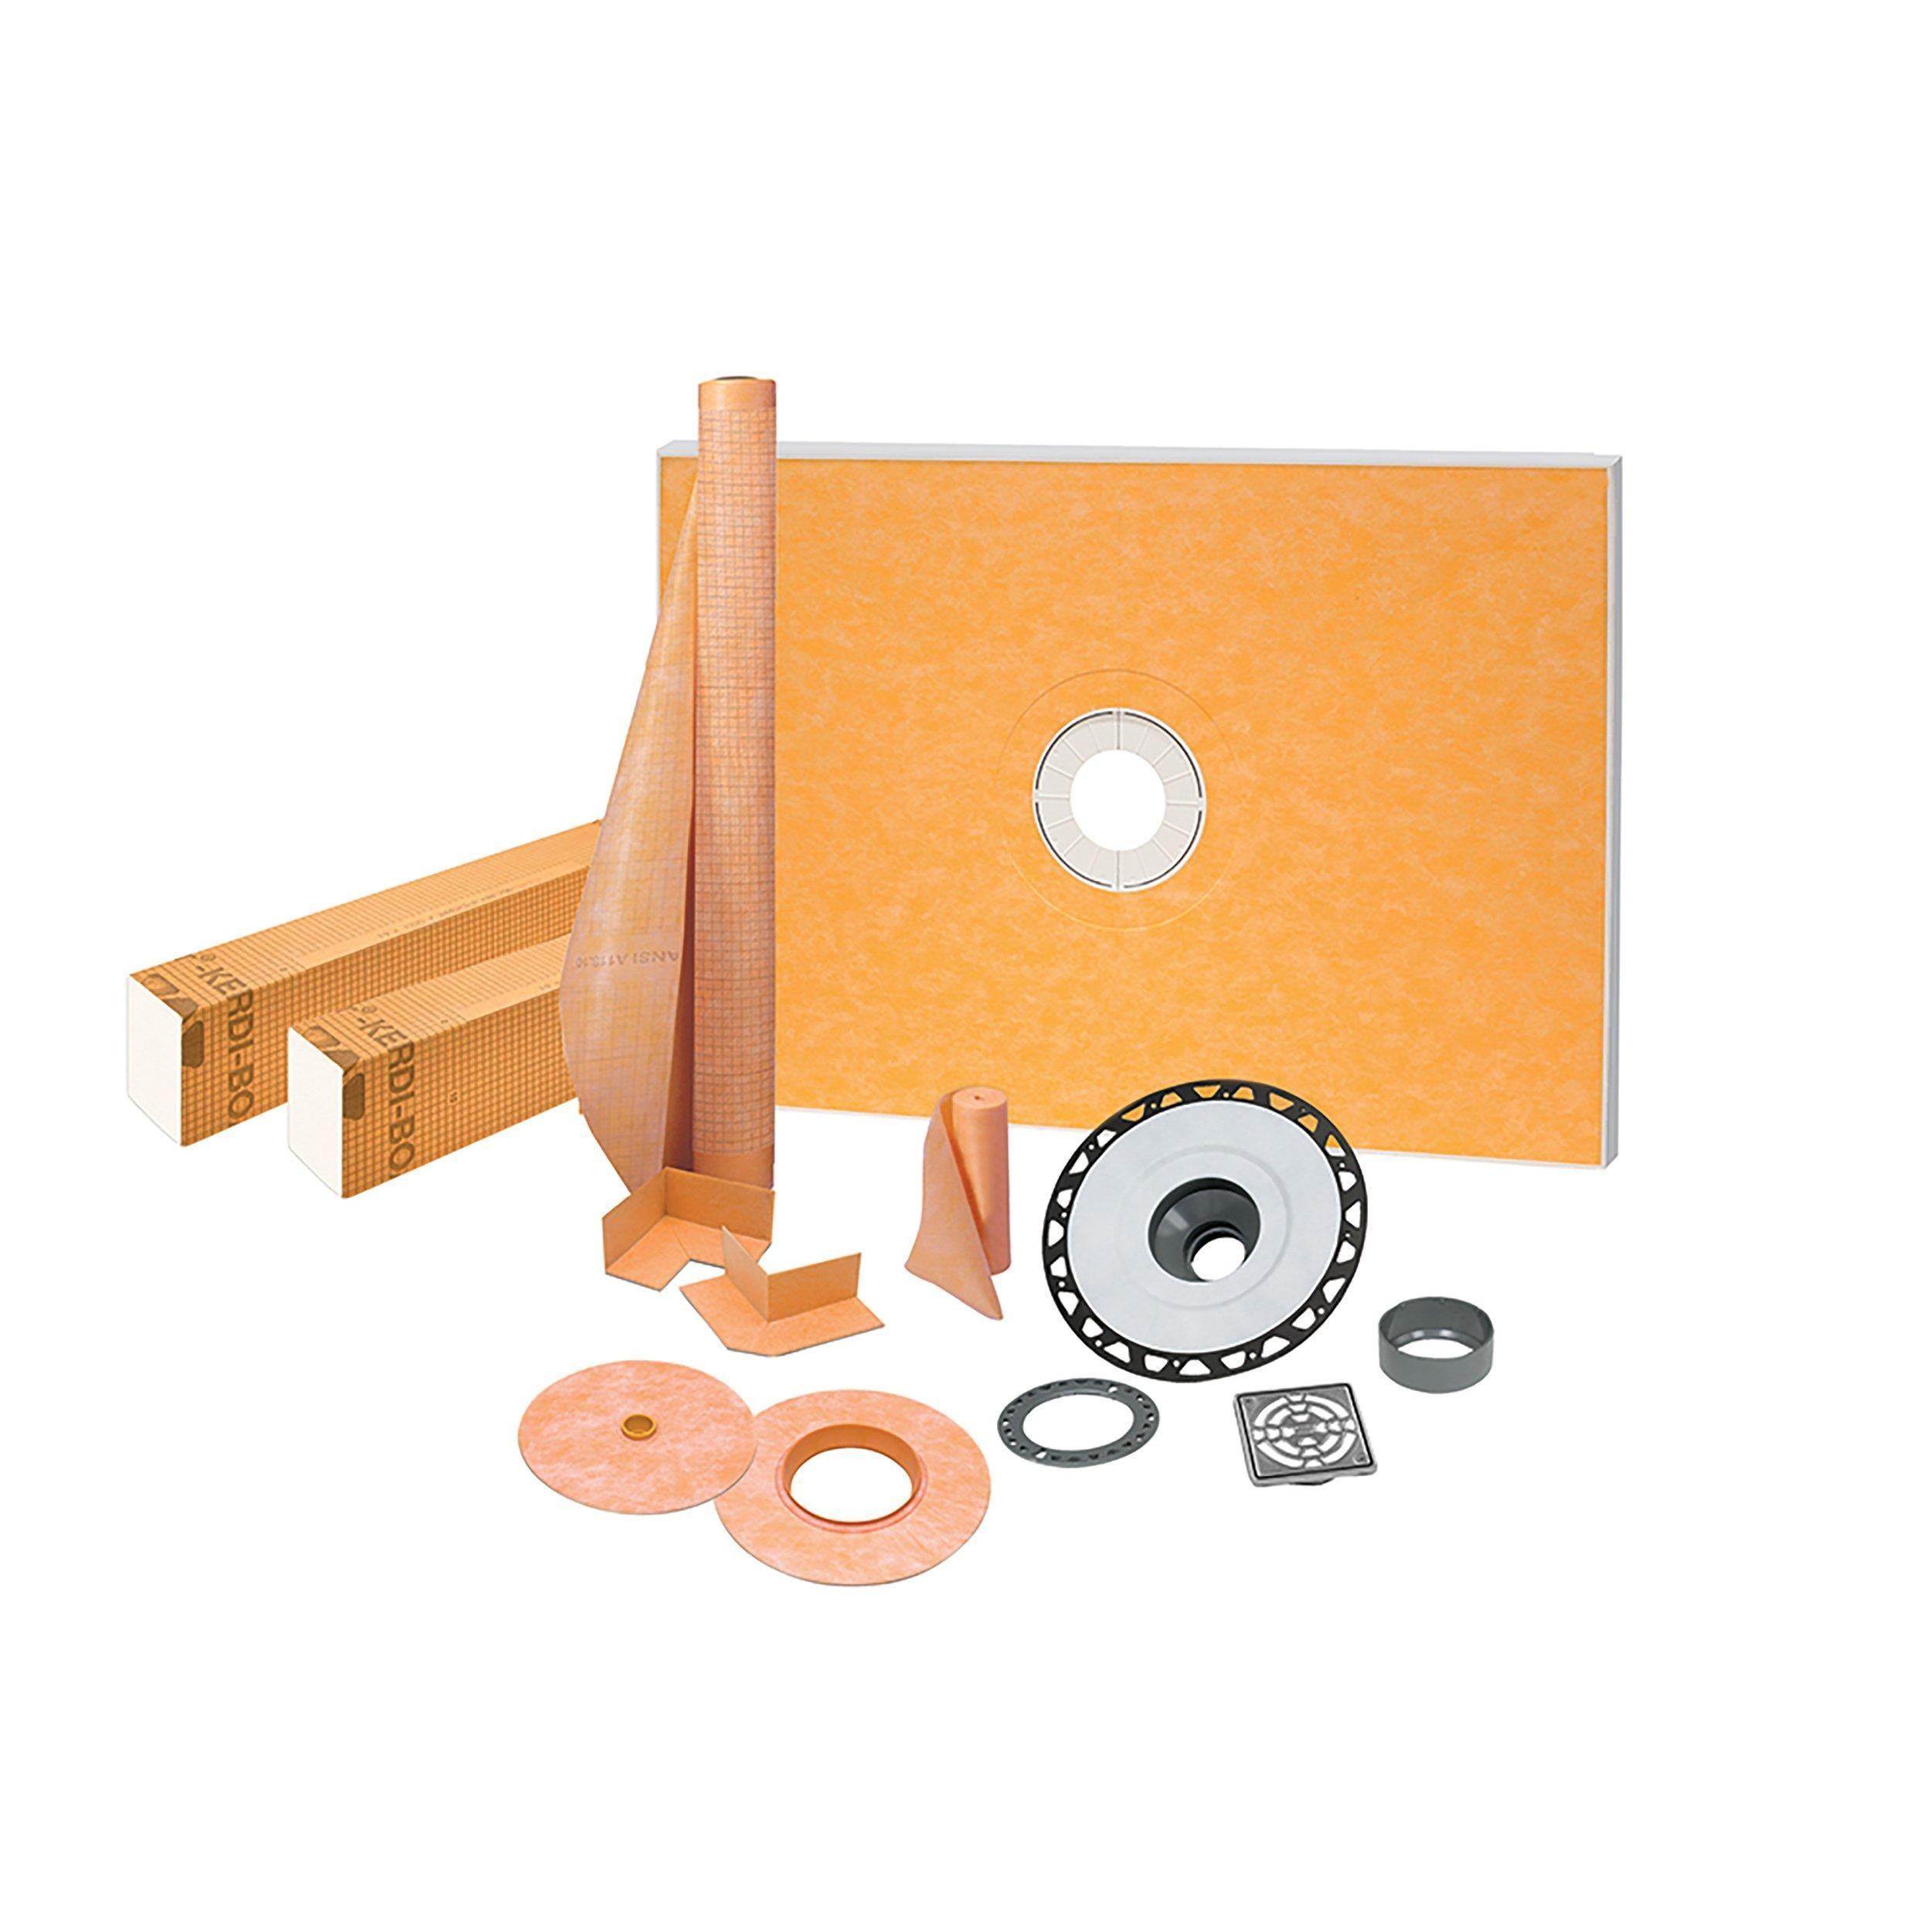 Floor Decor Schluter Kerdi Shower Kit 38 Inch X 60 Inch Abs